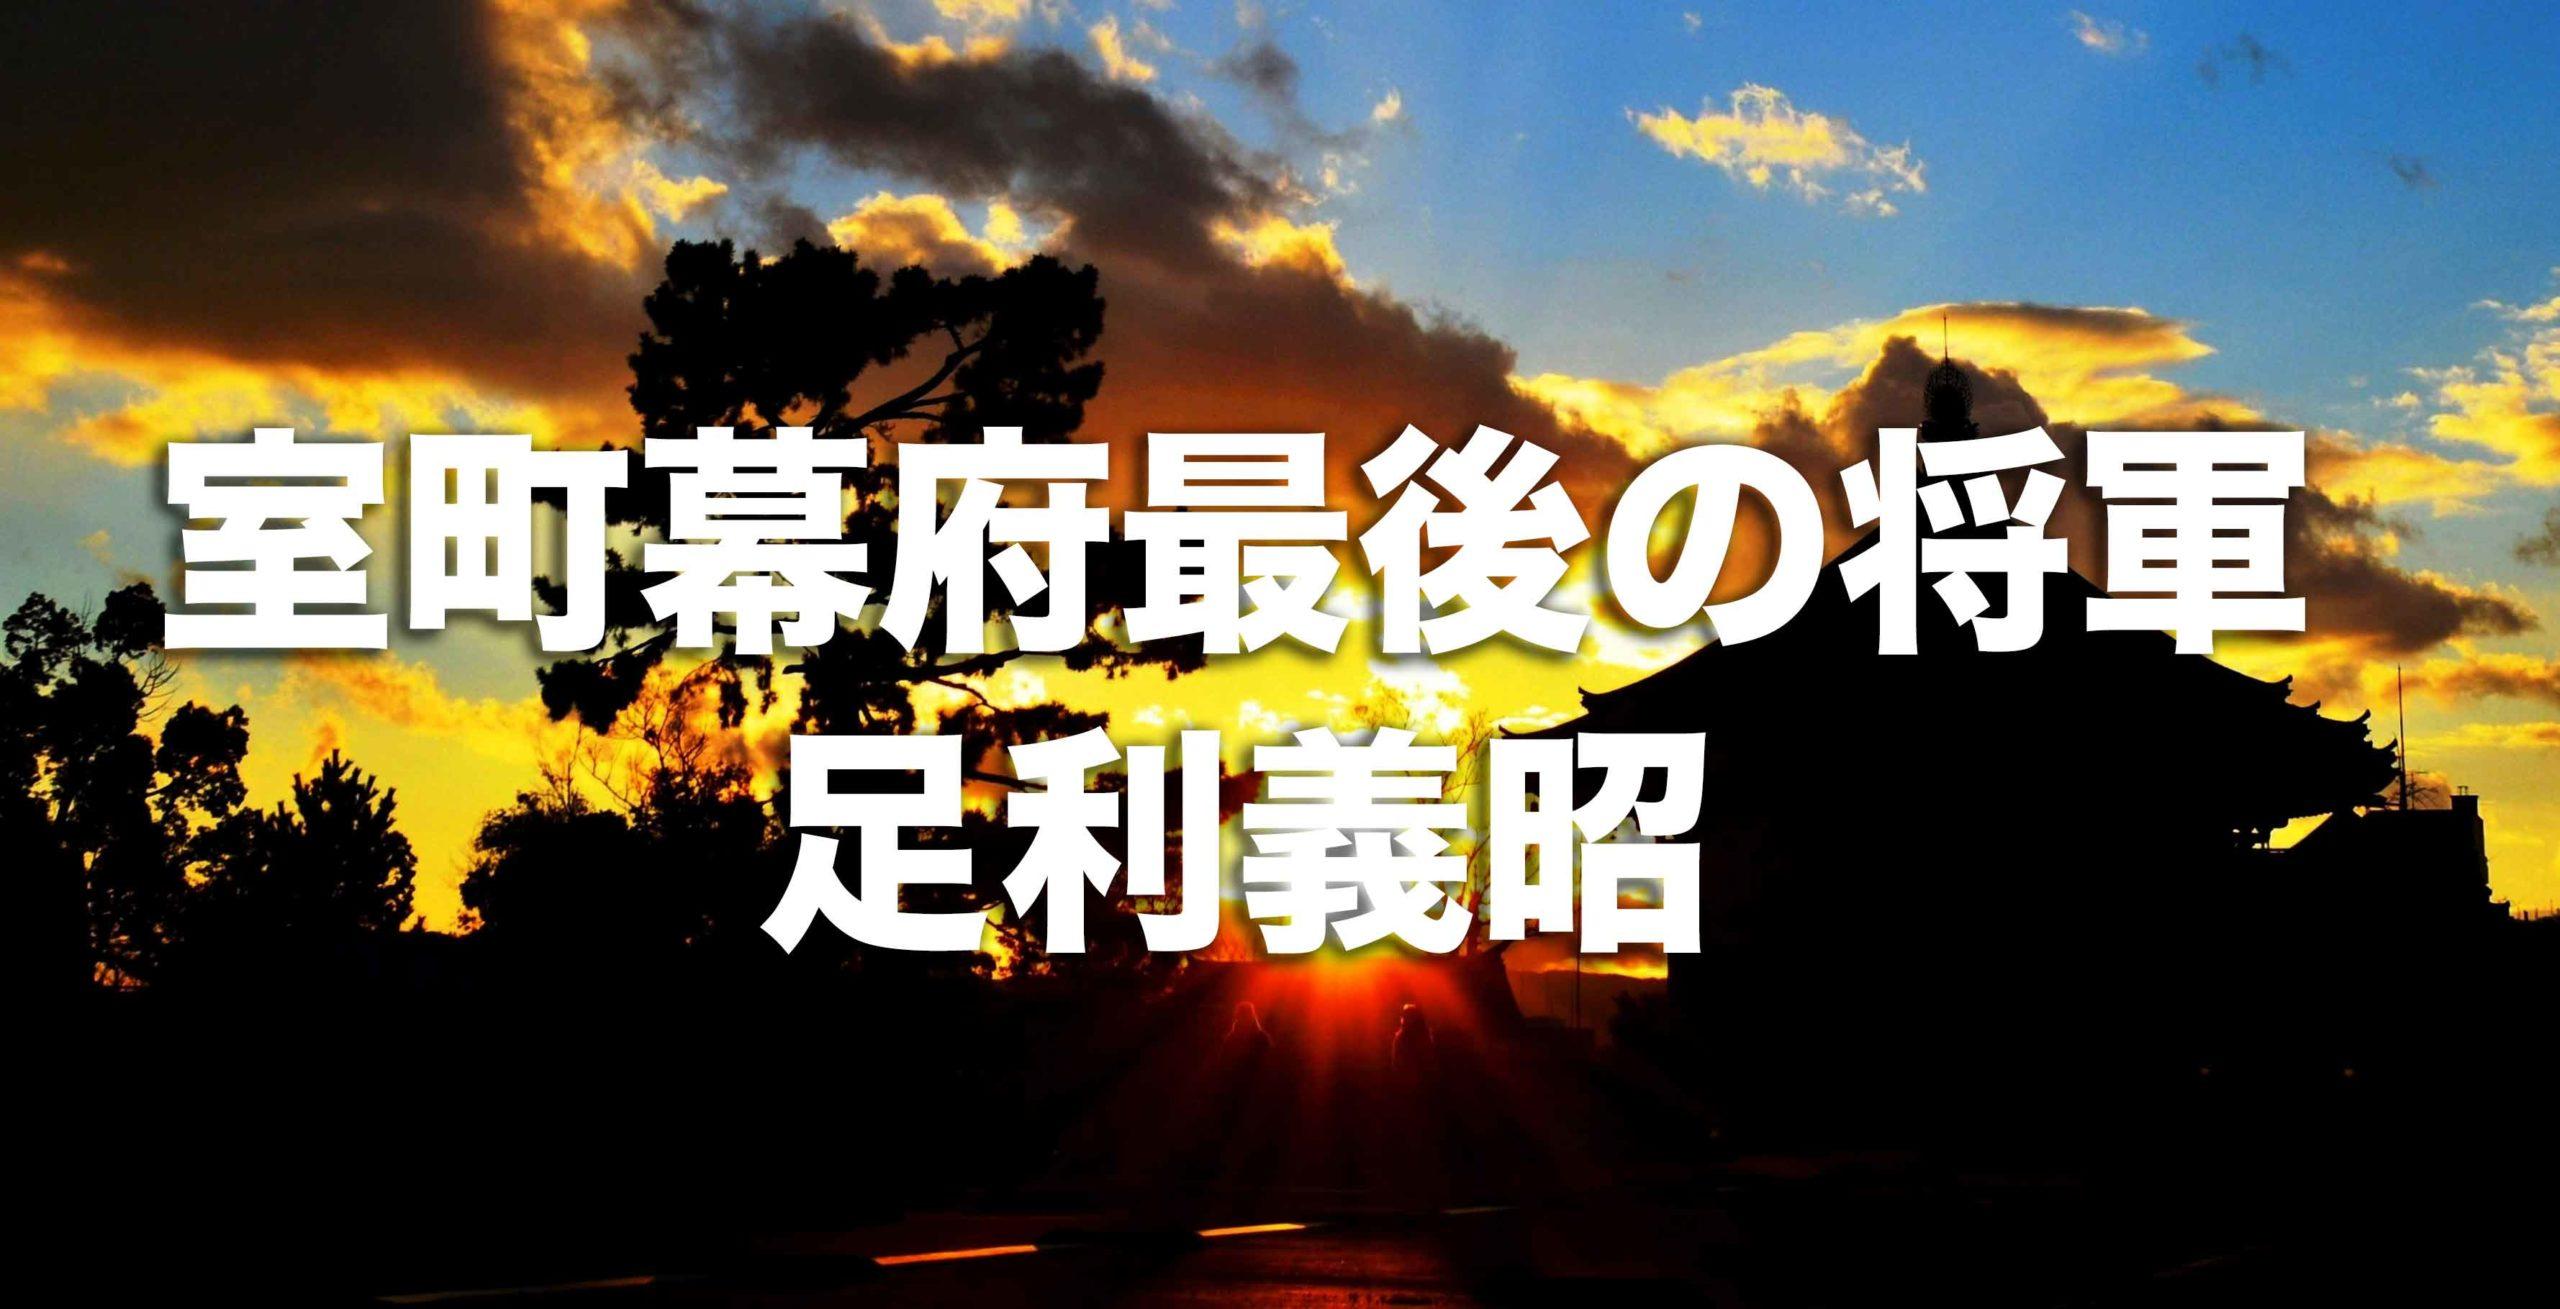 室町幕府最後の将軍「足利義昭」はどんな人?その生涯と人物像を徹底解説!